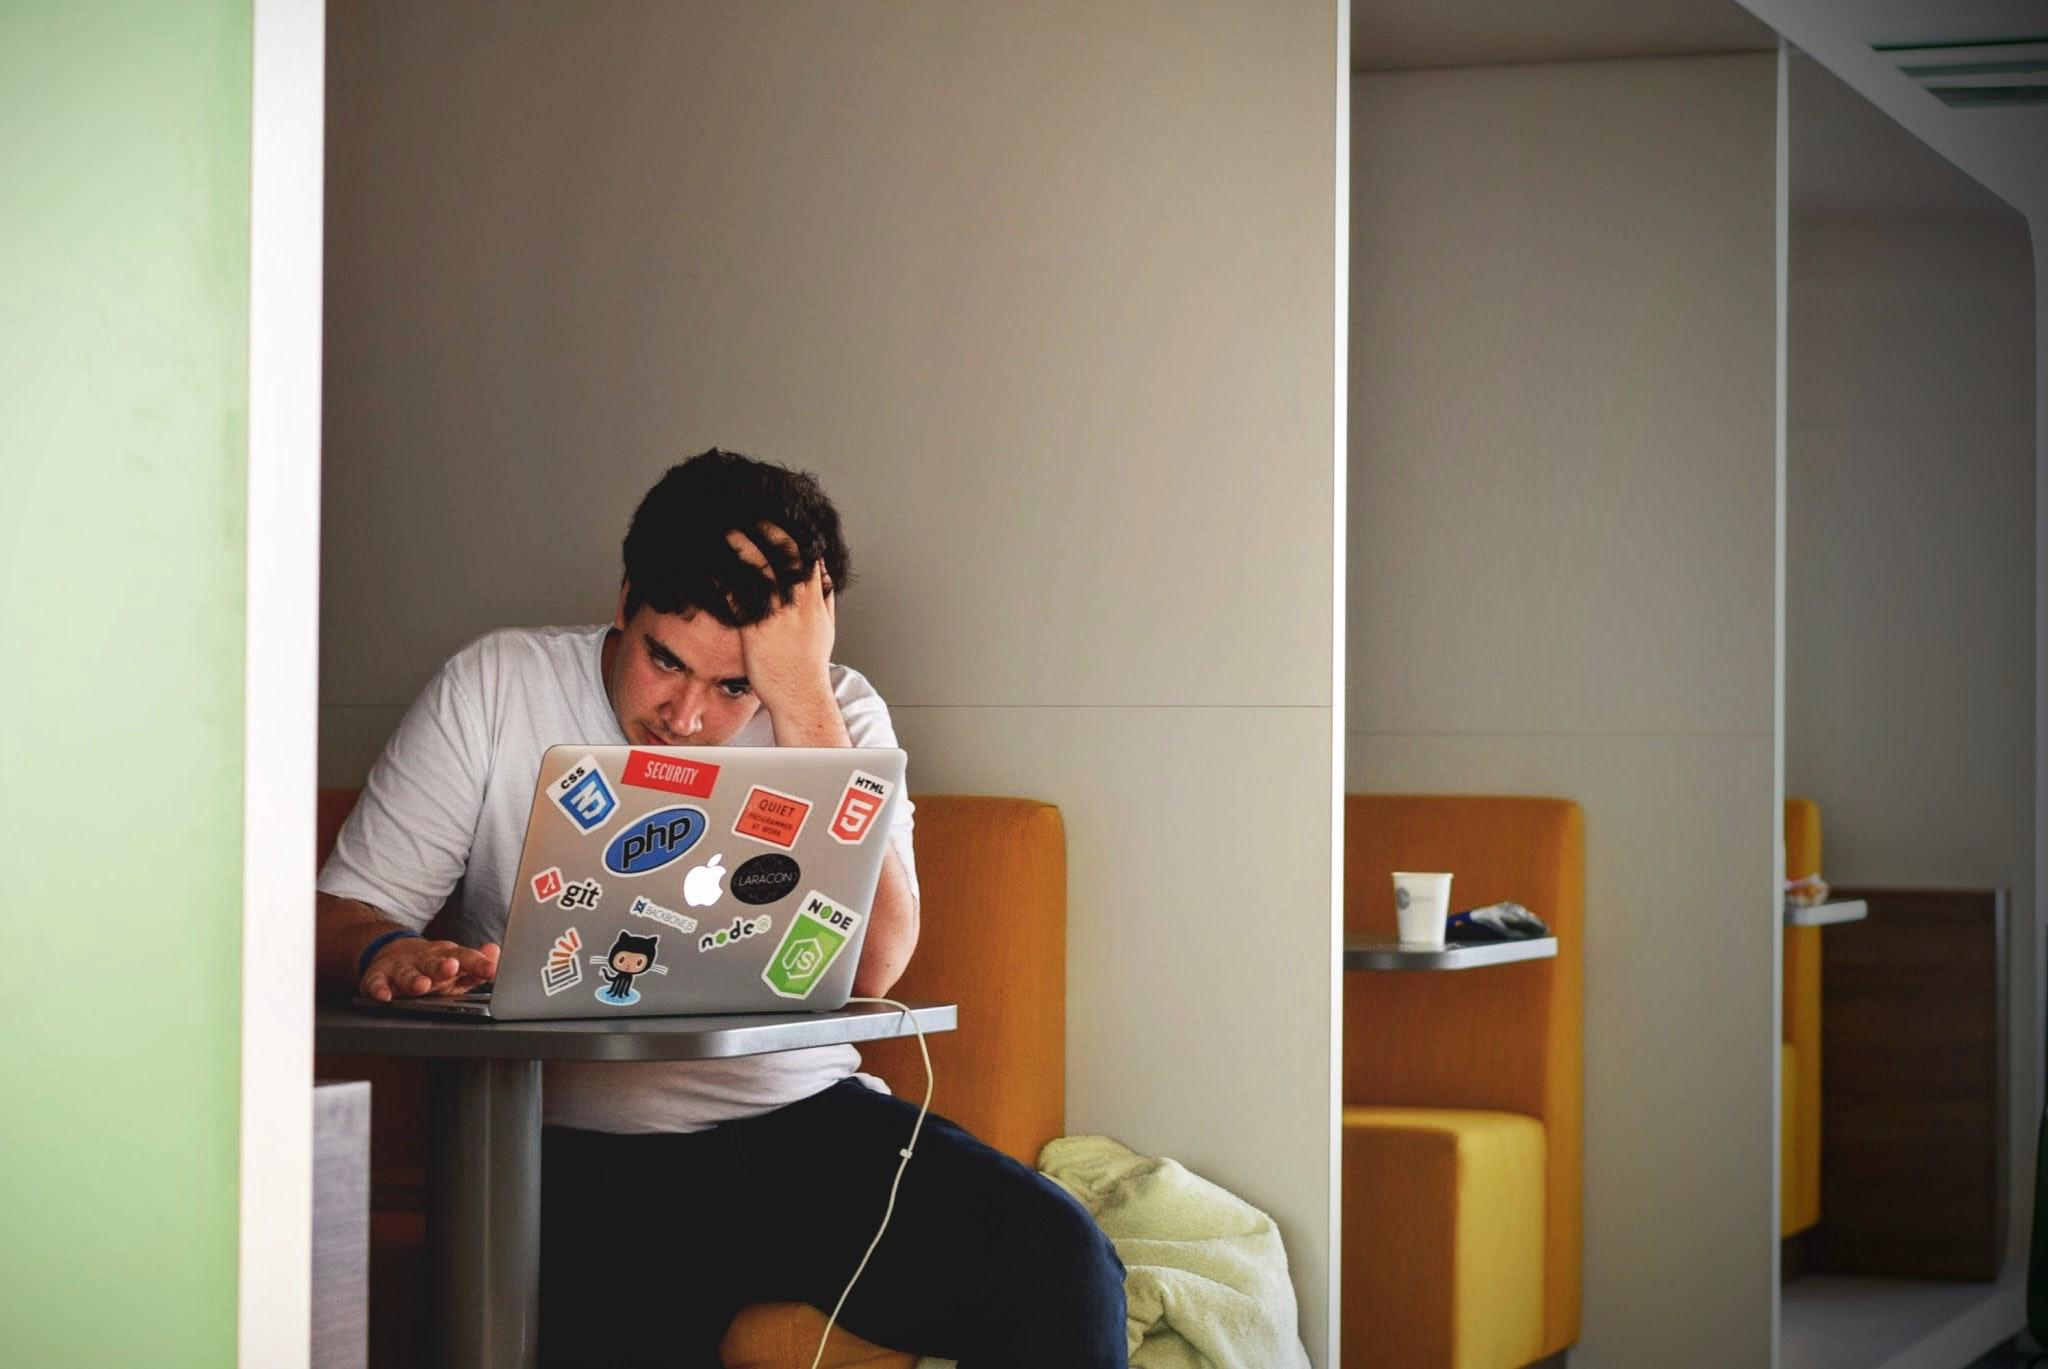 Jak nie zniechęcać siędo nauki programowania